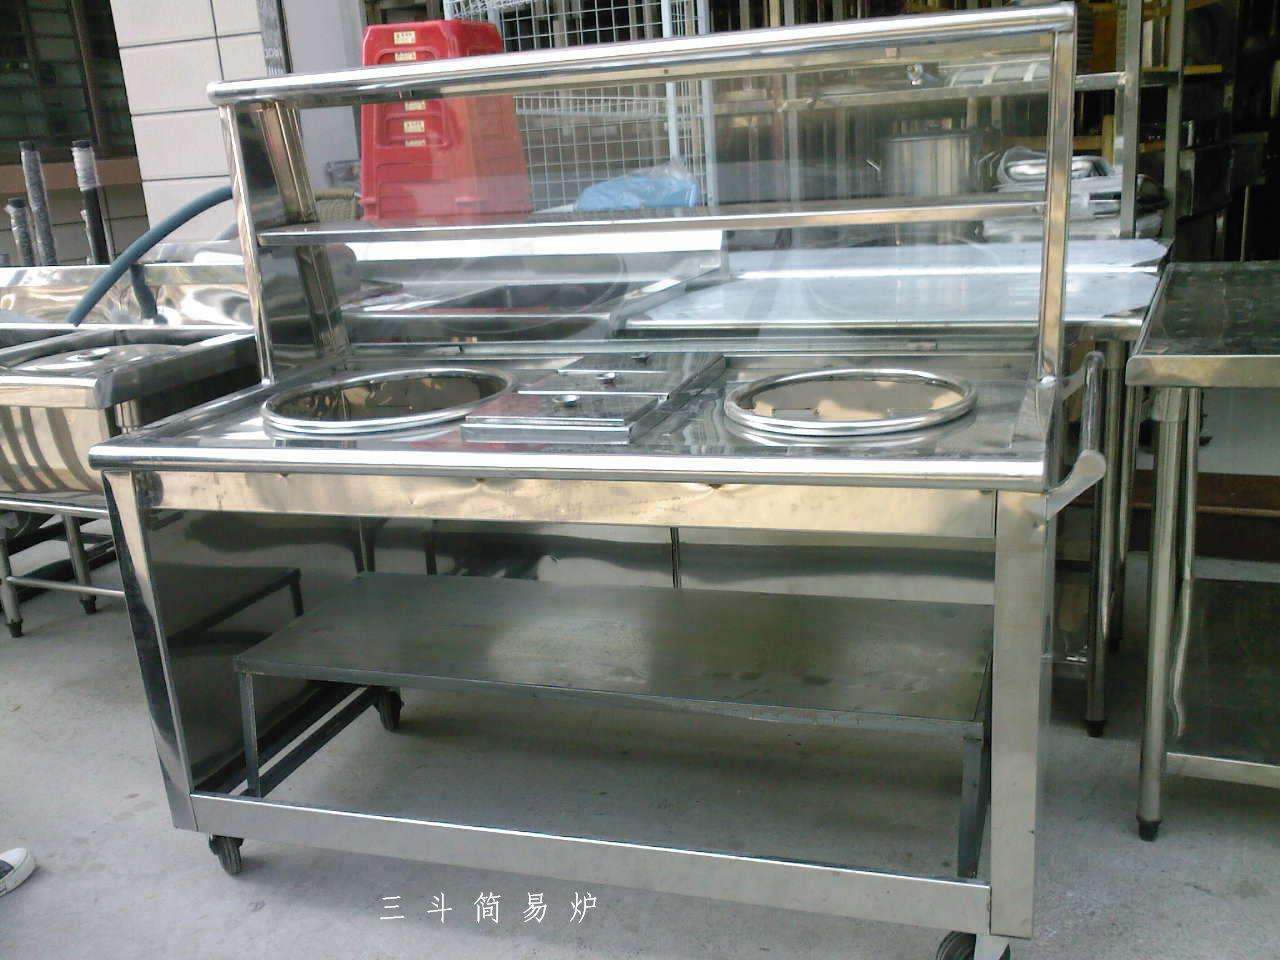 选择厨房不锈钢厨具要具备哪些原则